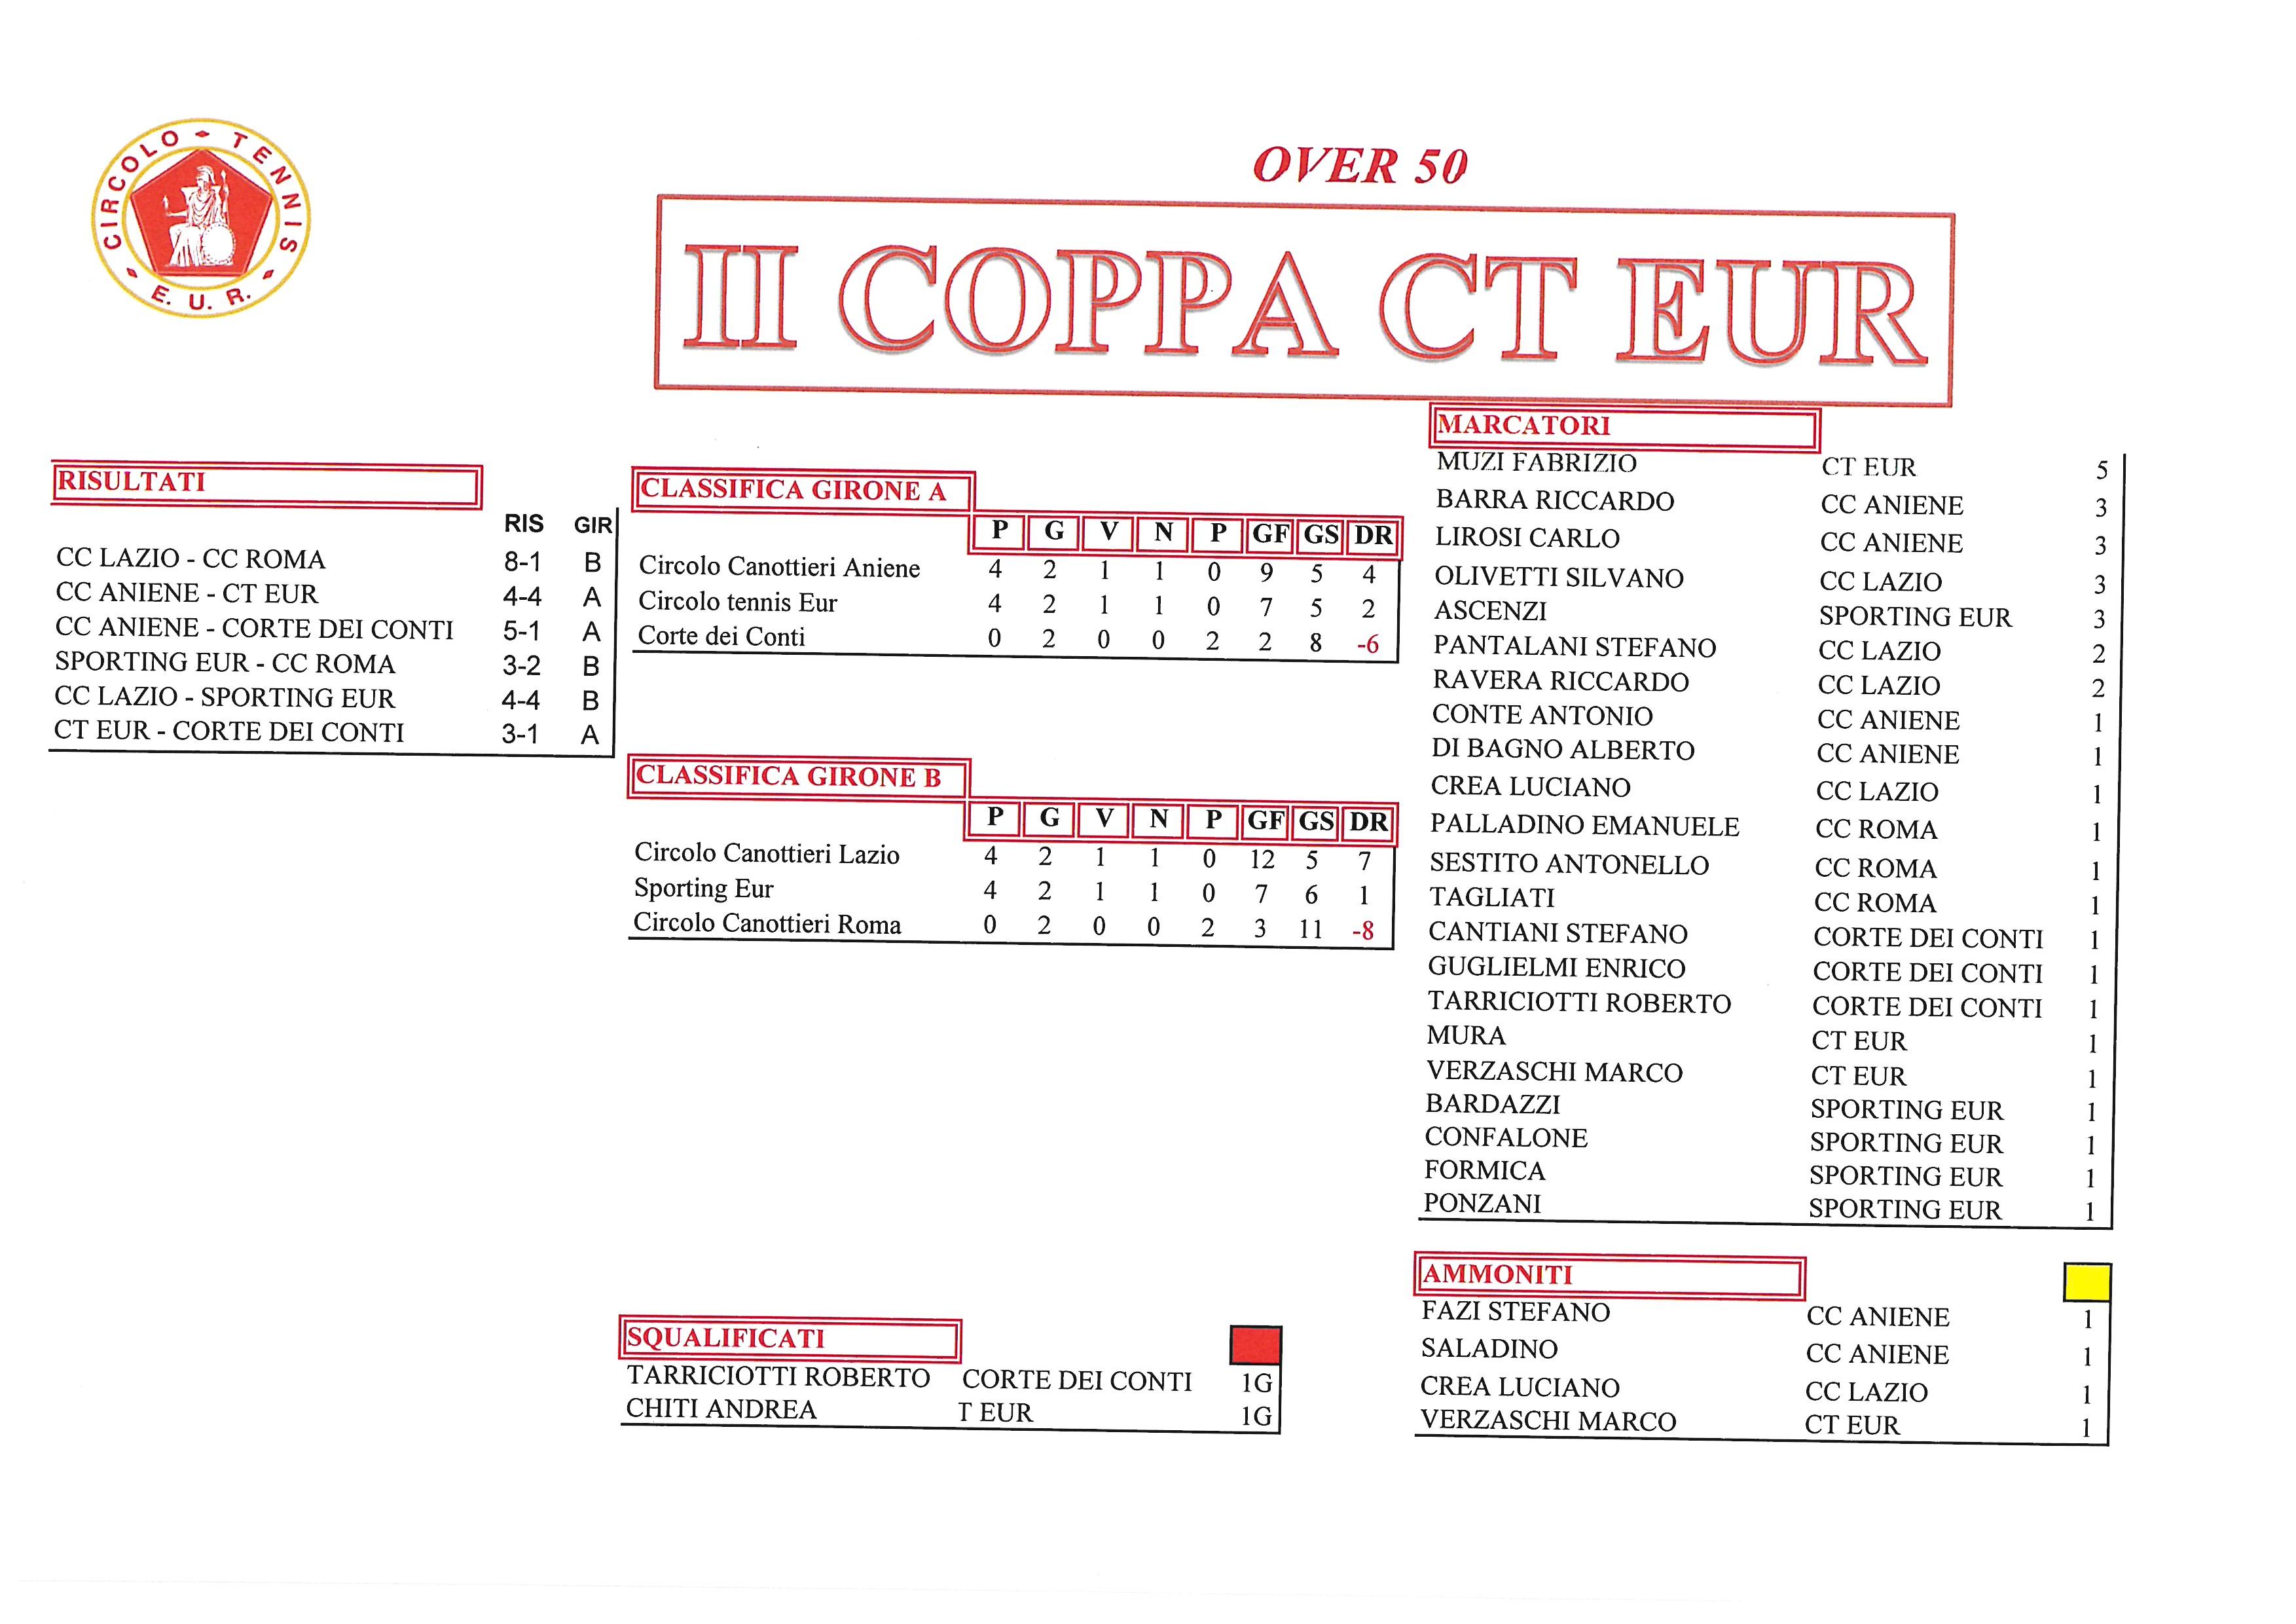 Coppa CT Eur risultati del 5 ottobre 2017 Over 50